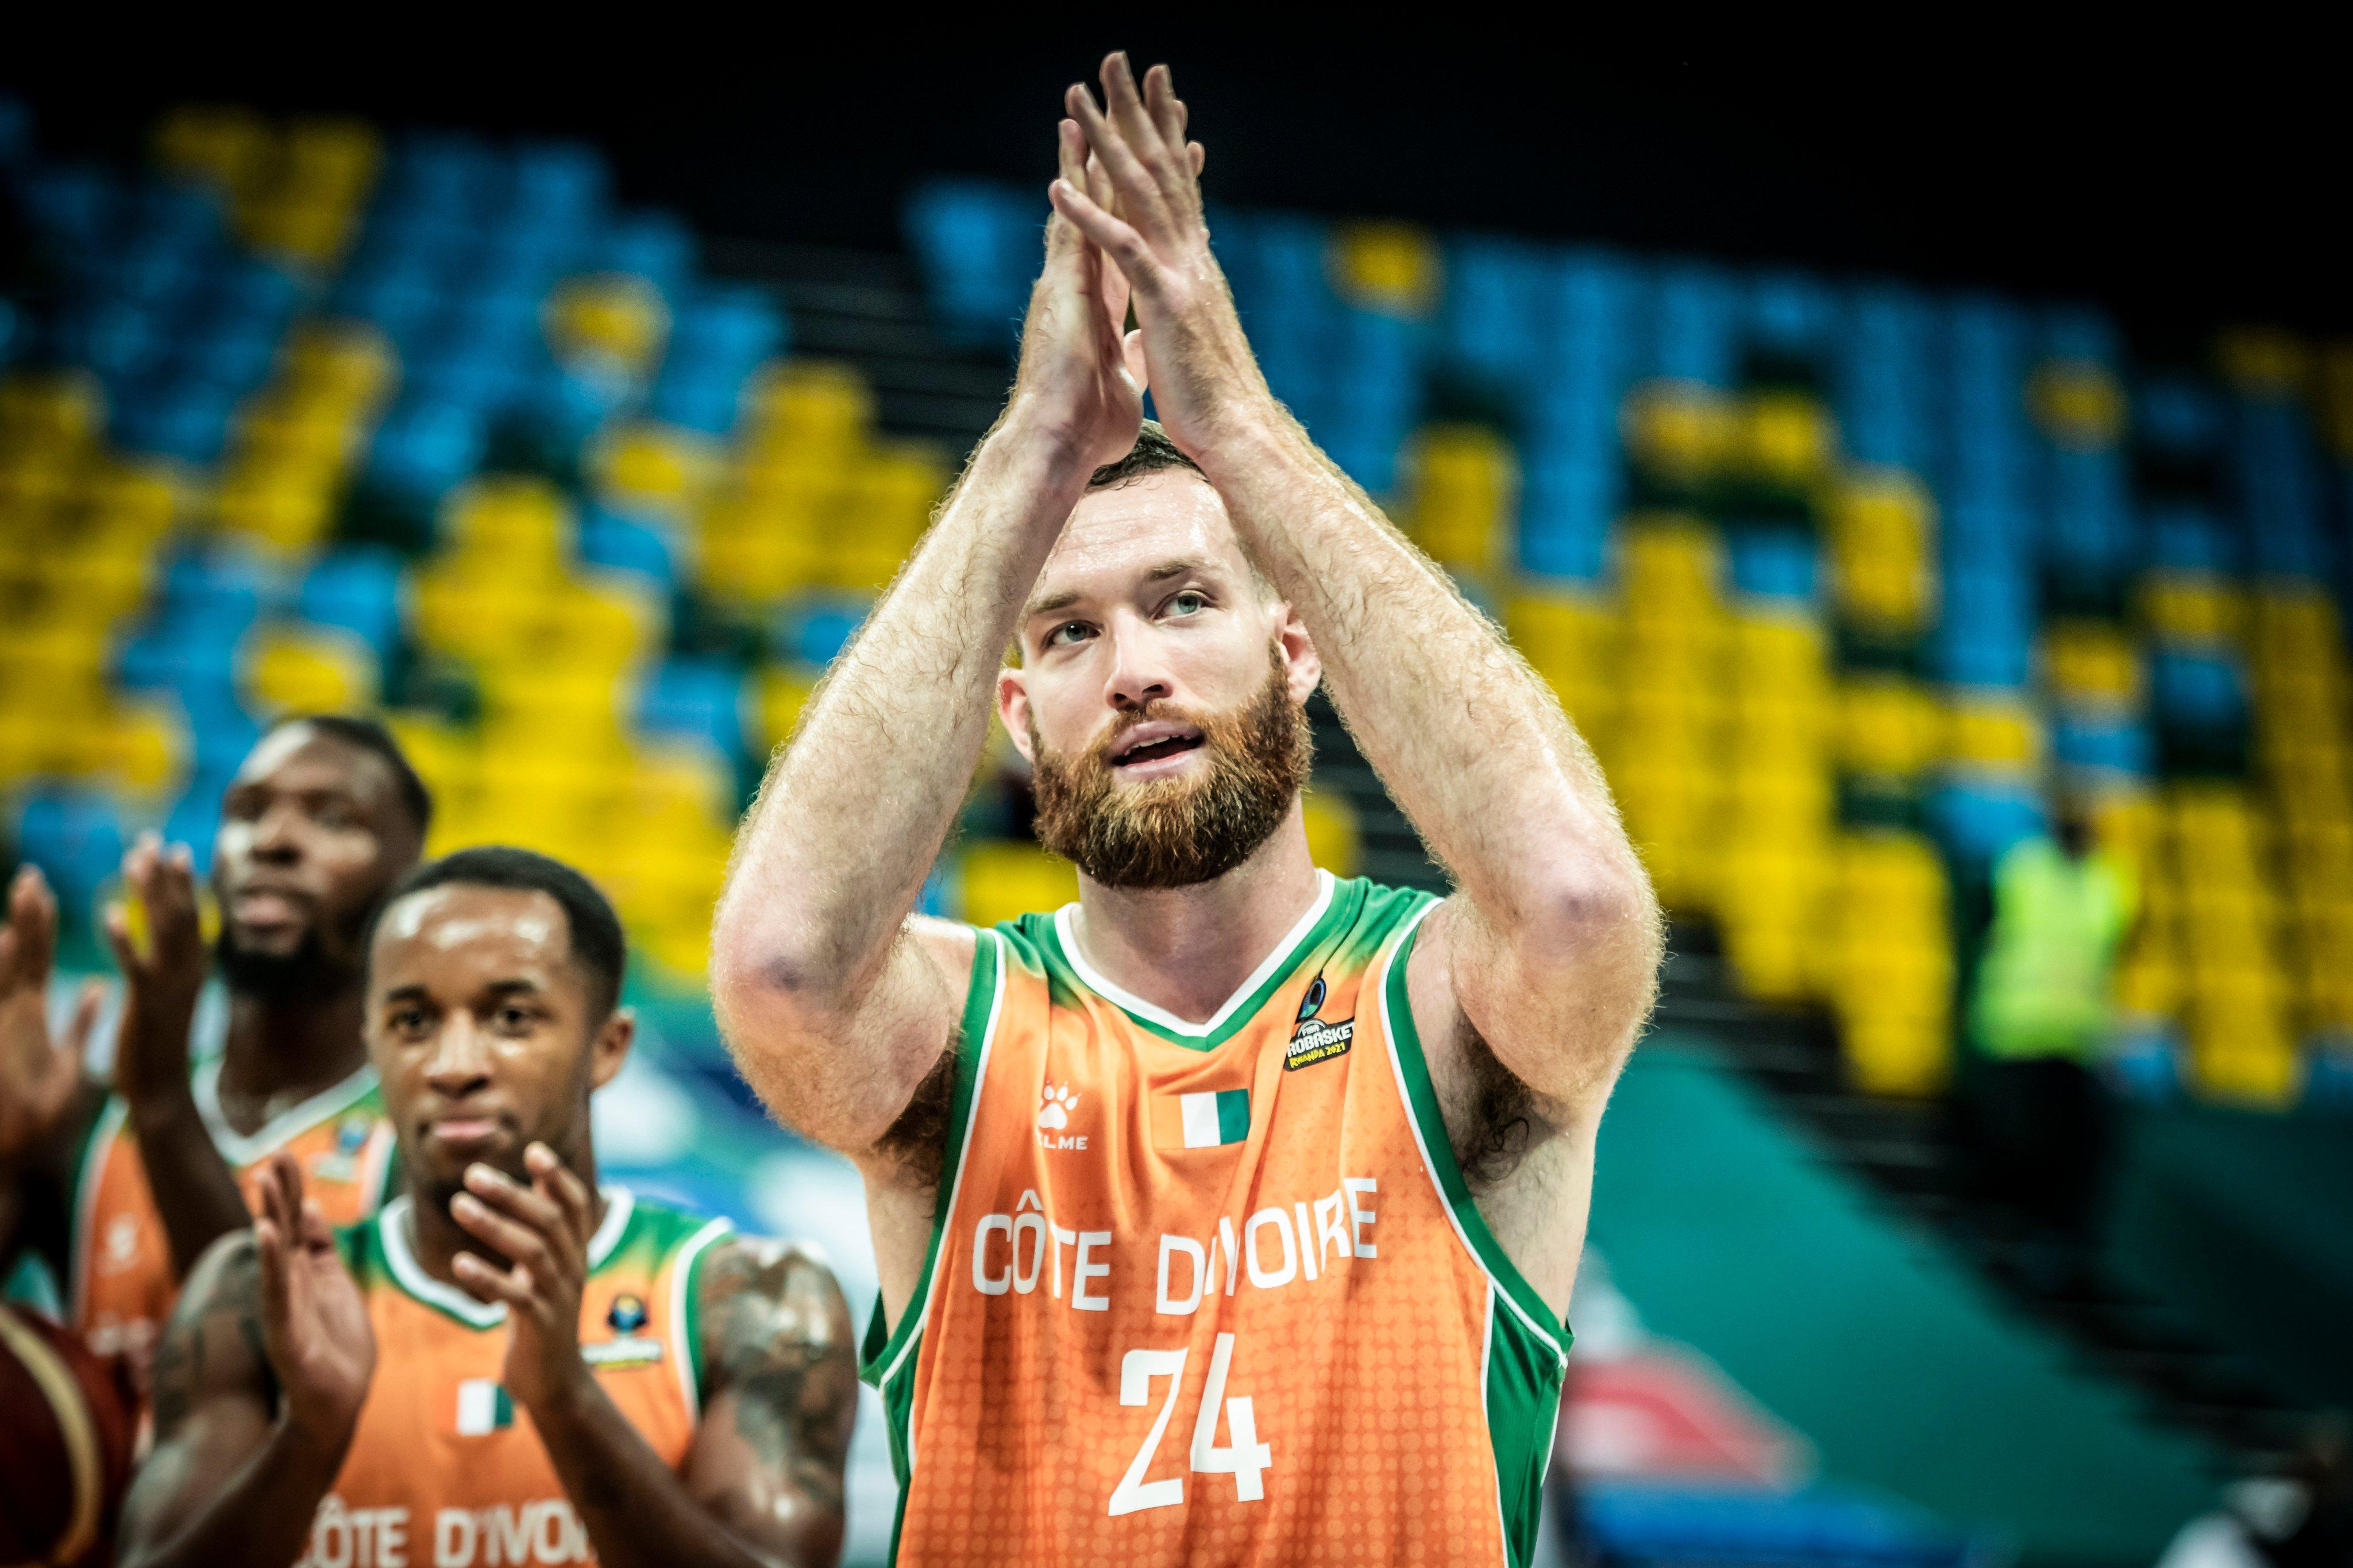 afrobasket-masculin-2021-la-cote-divoire-surclasse-le-nigeria-et-se-qualifie-pour-les-quarts